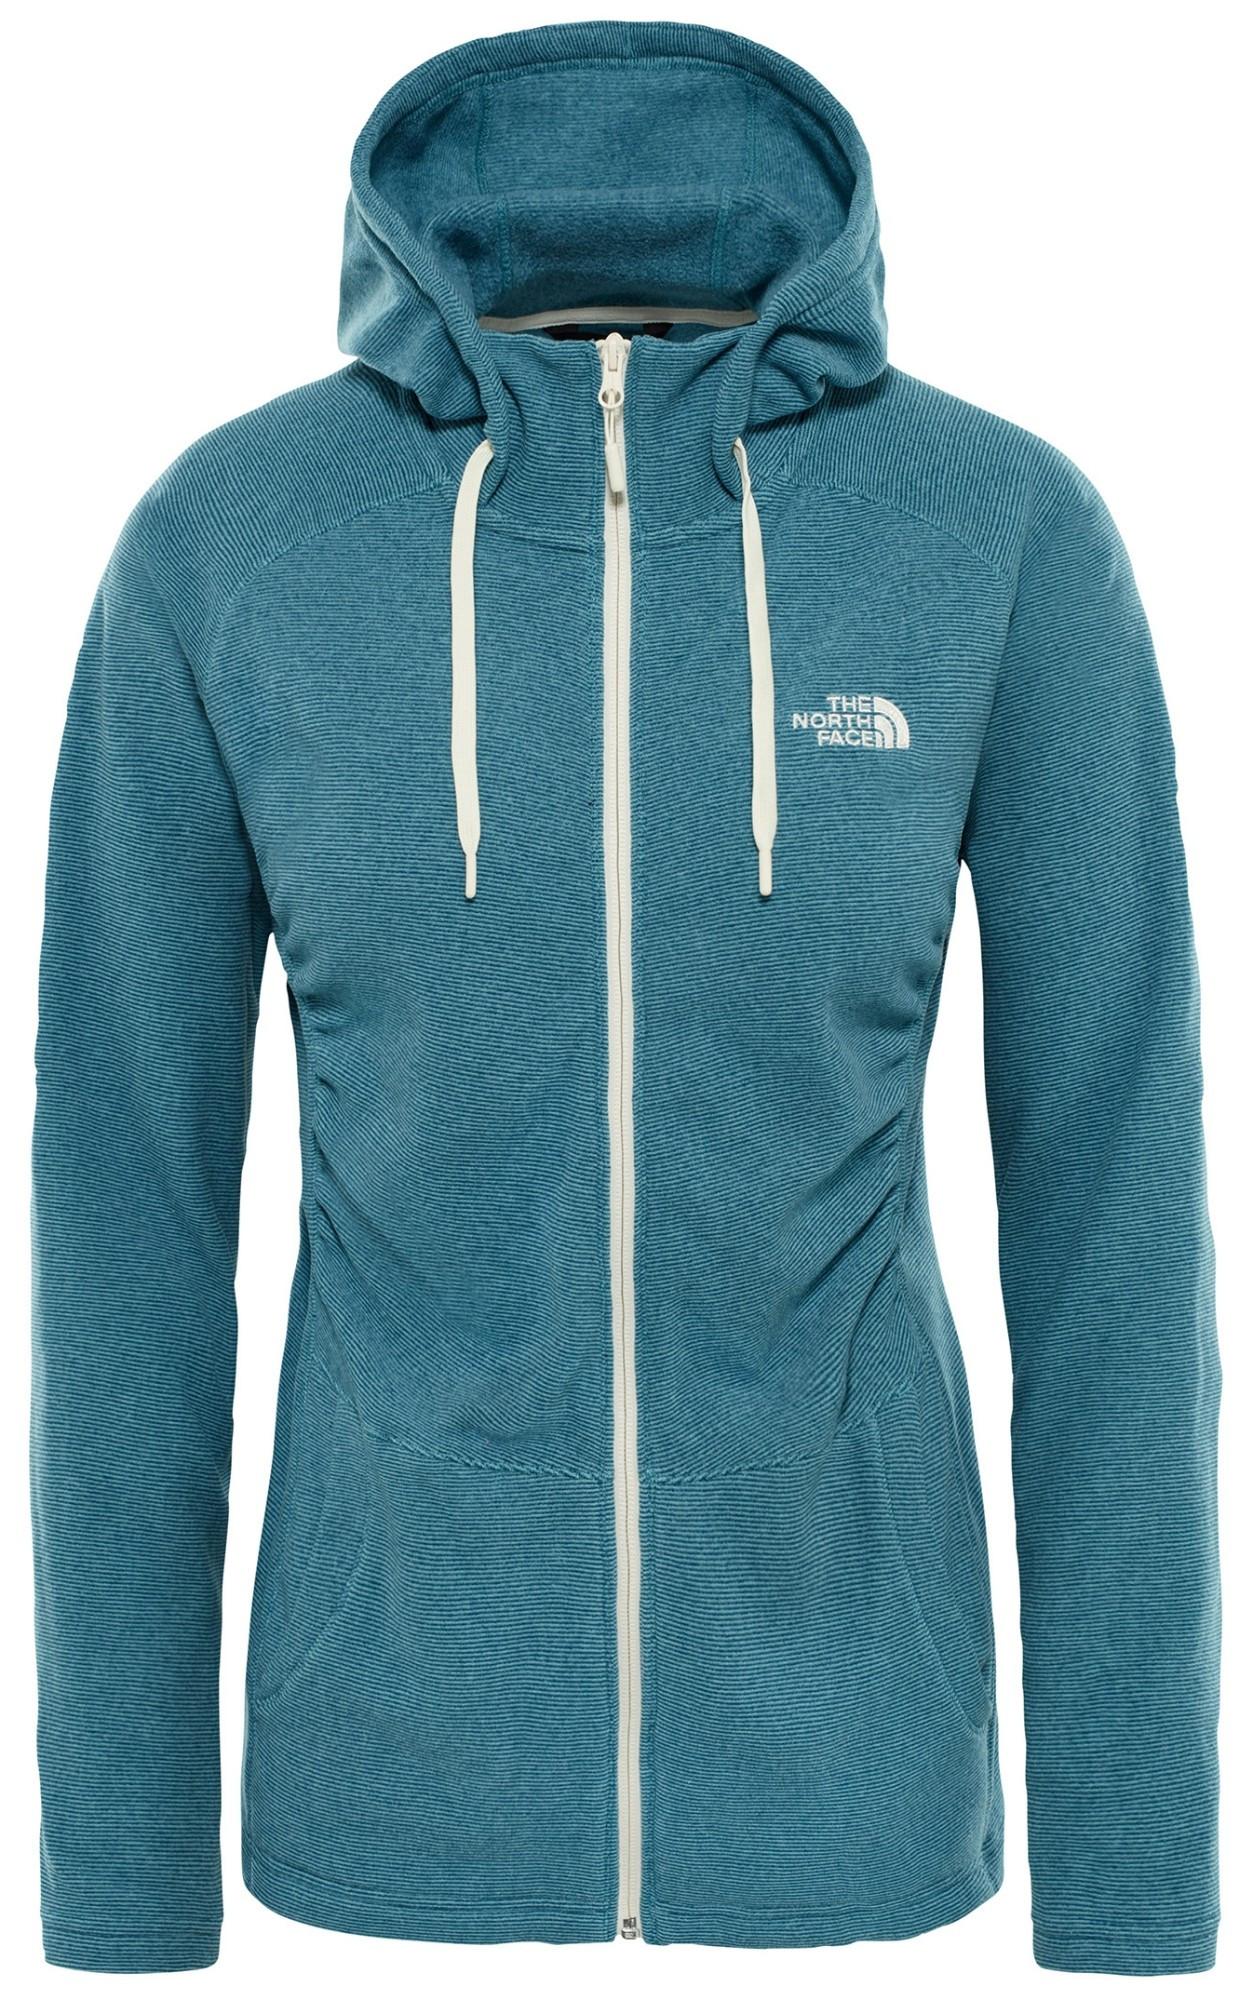 Bluza polartec Mezzaluna FZ Hoodie Women's storm blue stripe